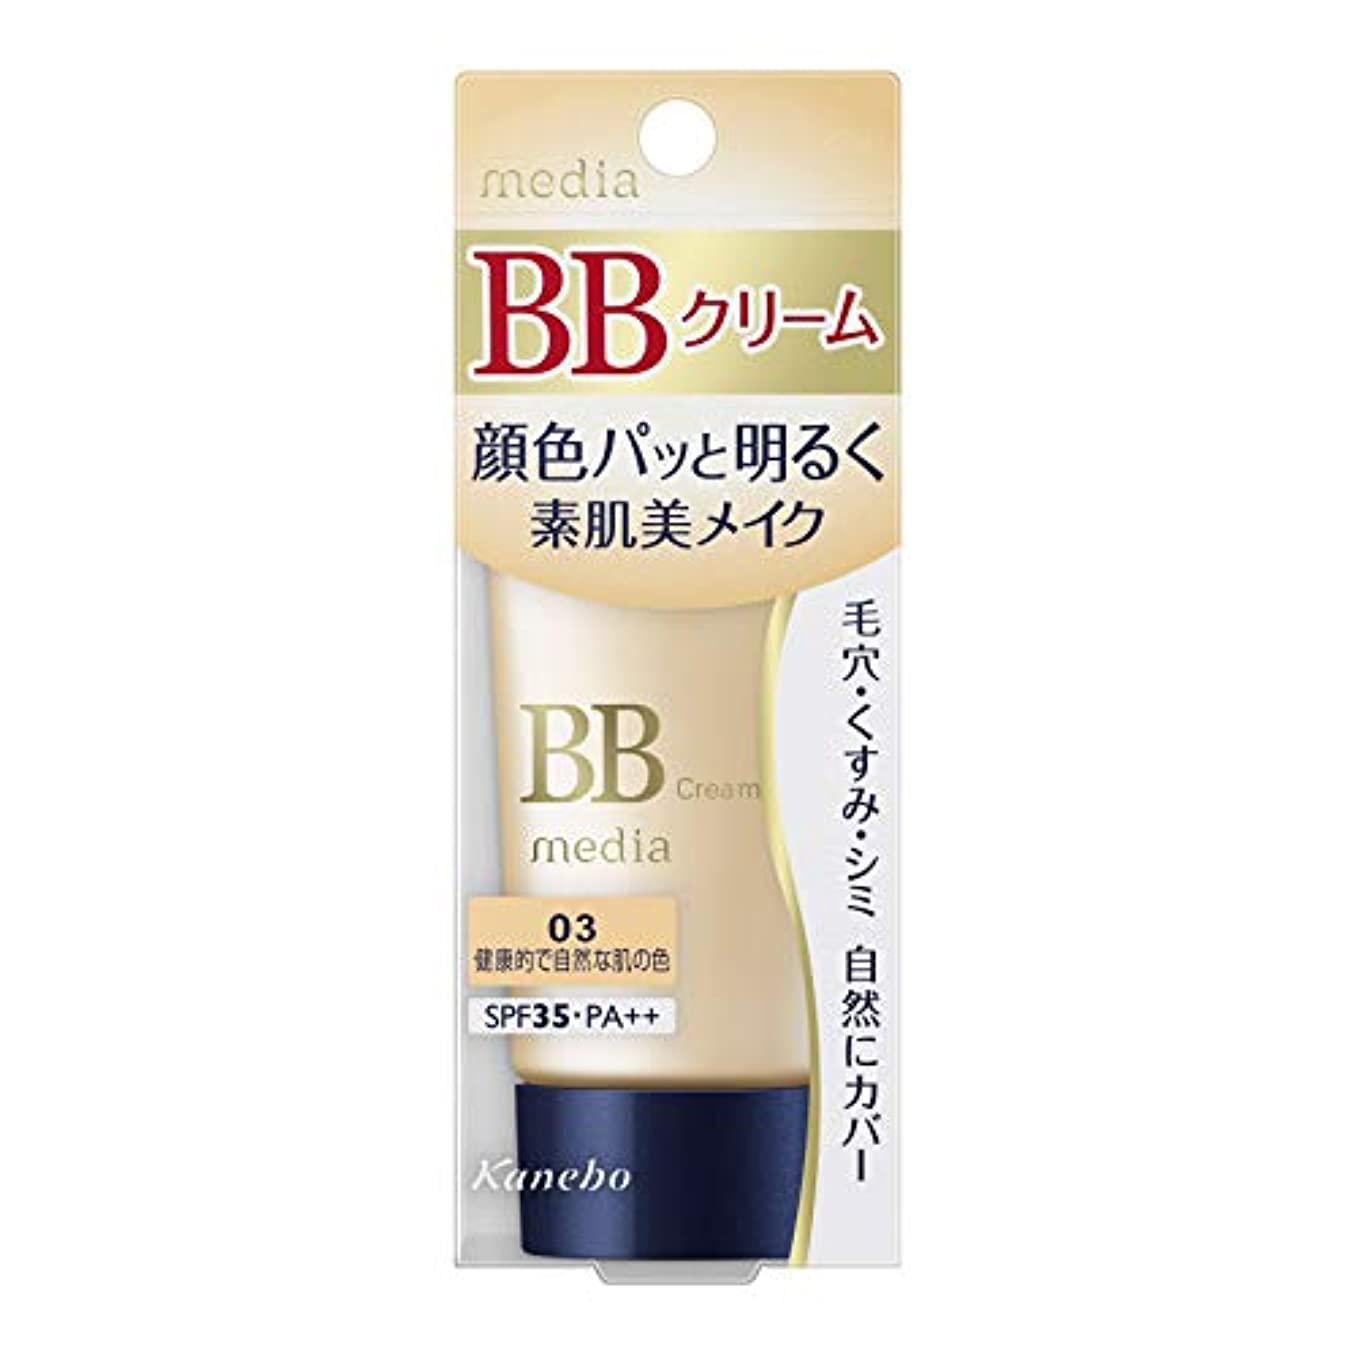 エンターテインメントコードレス申請者カネボウ化粧品 メディア BBクリームS 03 35g